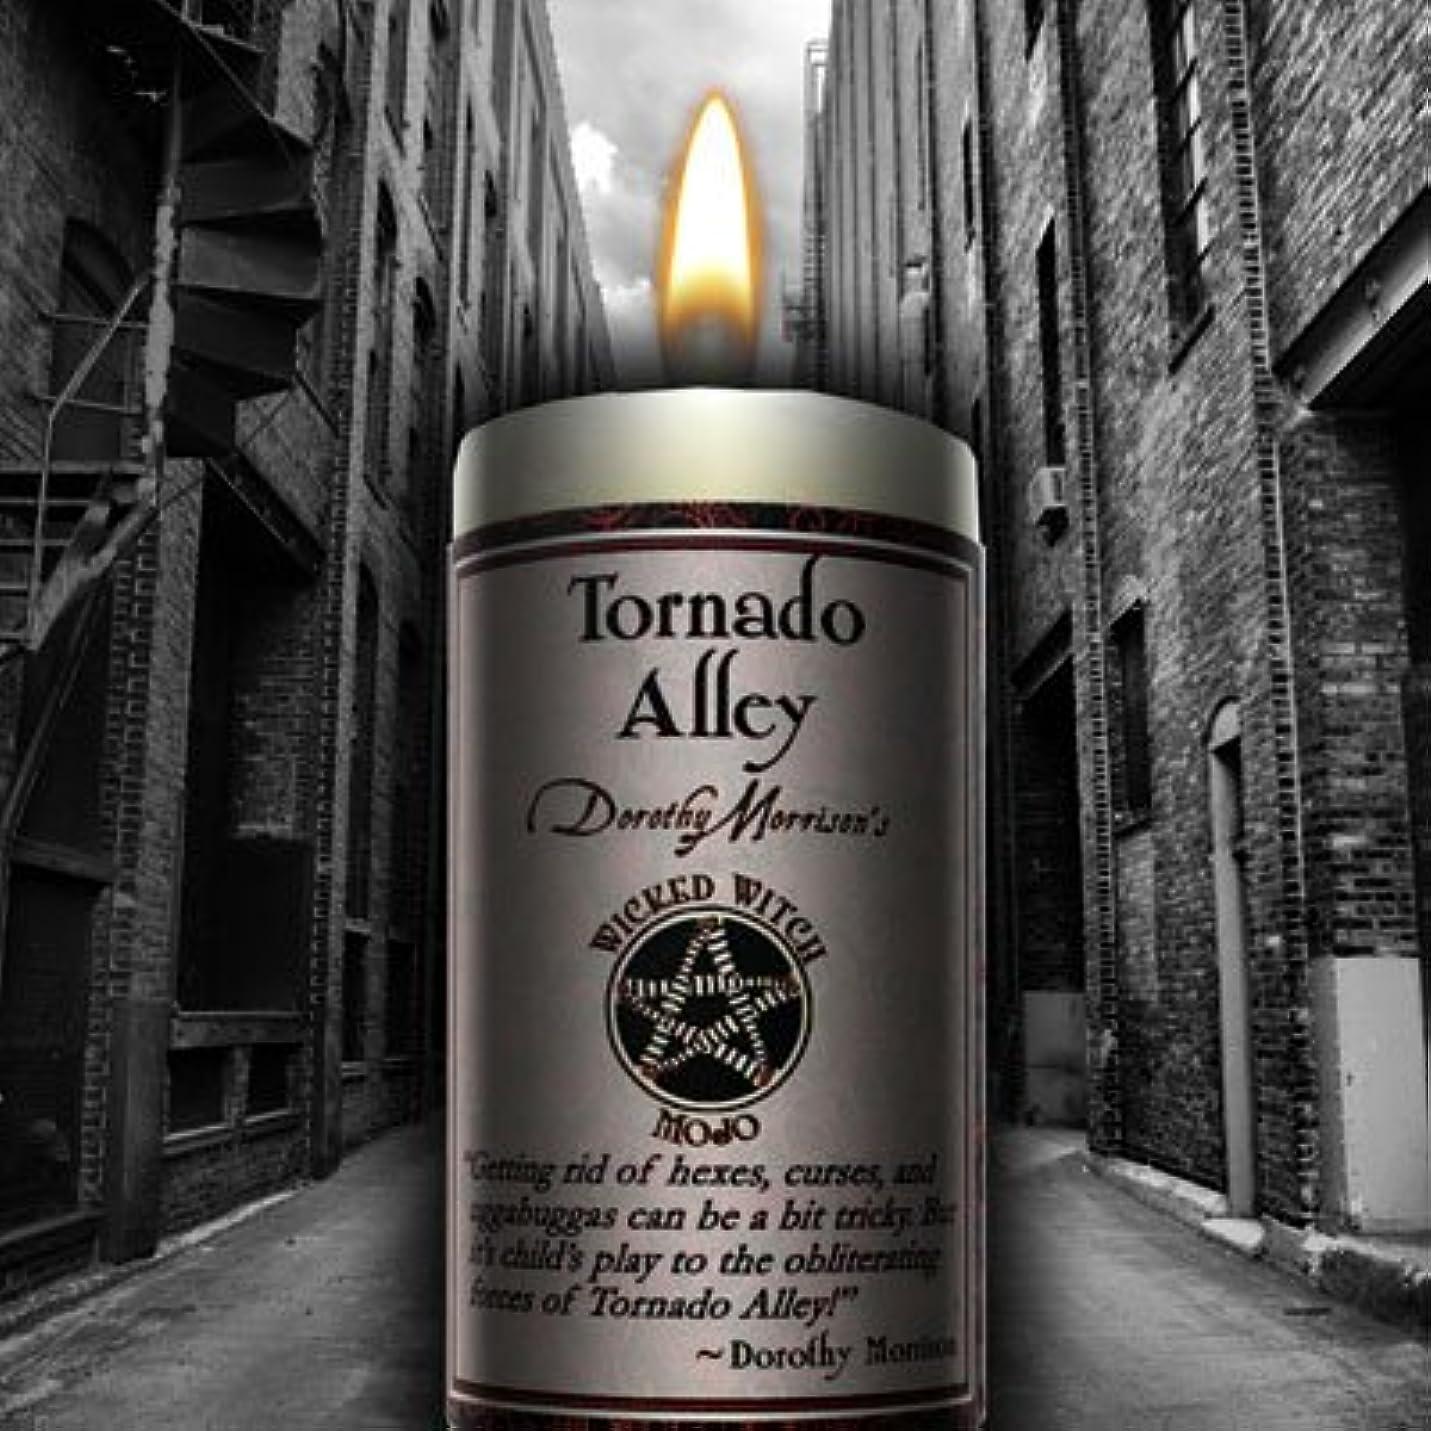 むき出し感情のチームWicked Witch Mojo Tornado Alley Candle by Dorothy Morrison